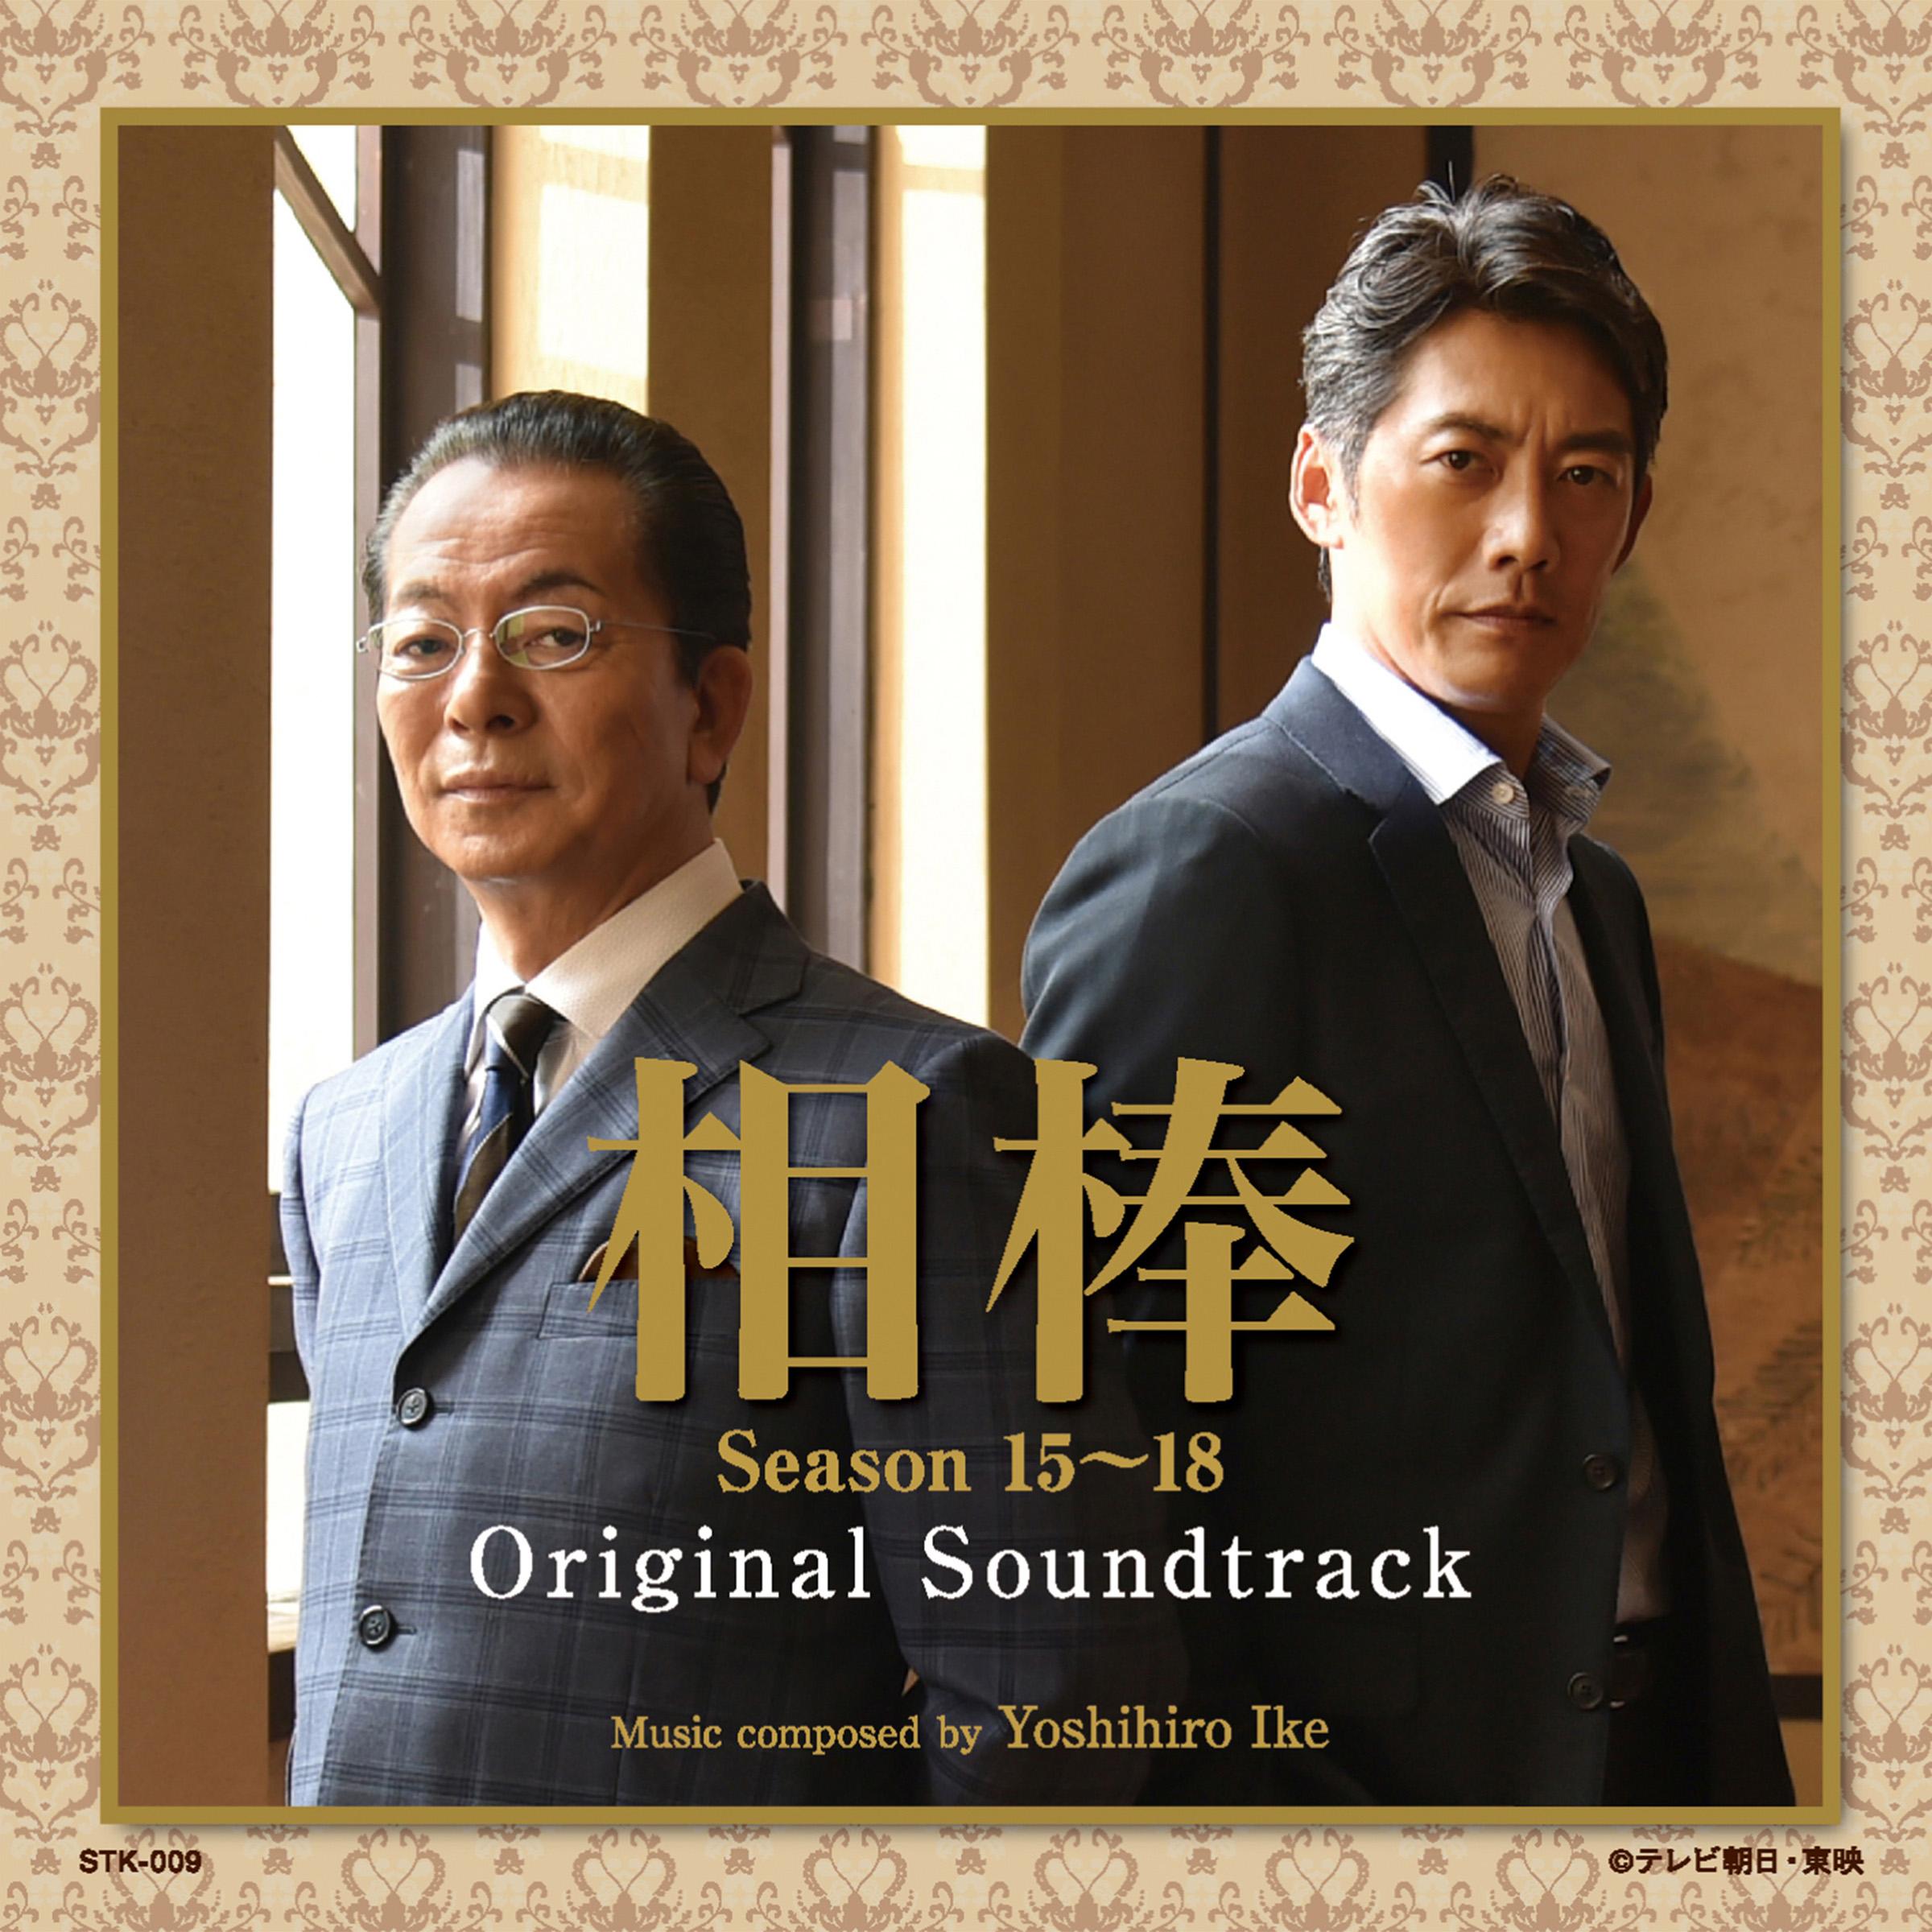 相棒シーズン15〜18 オリジナルサウンドトラック Image